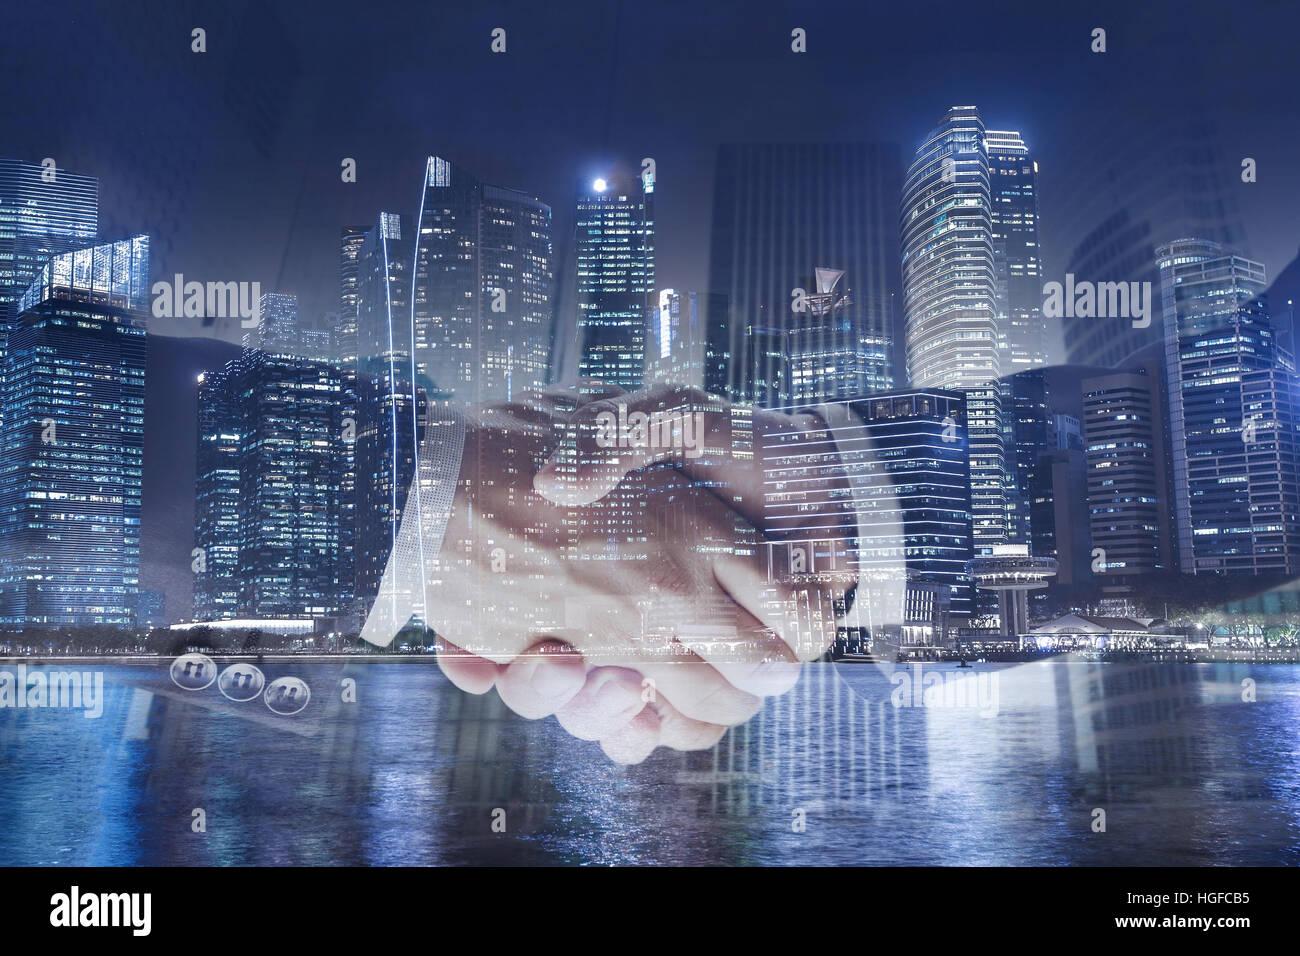 Abkommen oder Abkommen Geschäftskonzept, Handshake Doppelbelichtung, Kooperation oder Partnerschaft Stockbild